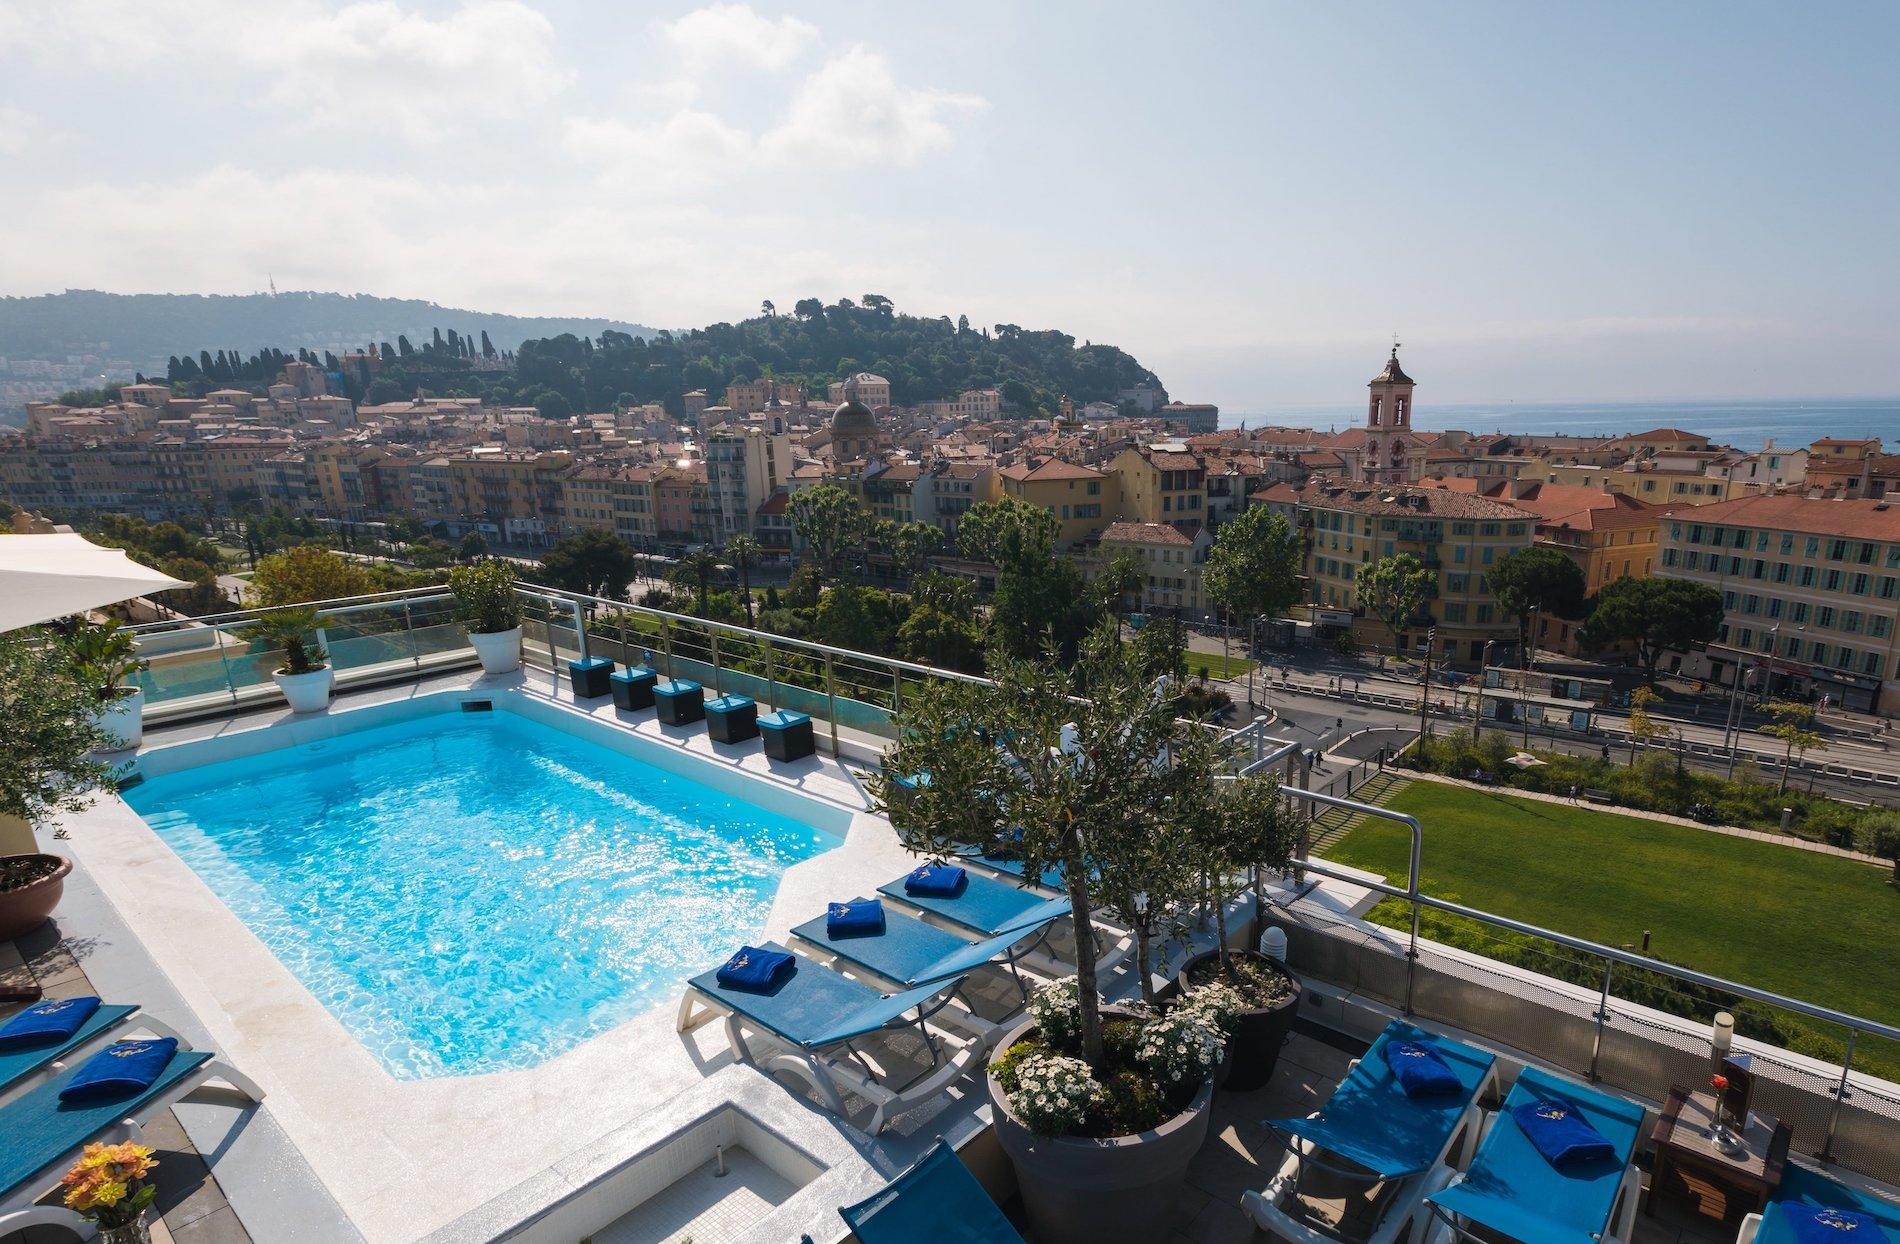 Du toit terrasse avec pîscine de l'hôtel Aston La Scala, une vue splendide sur la ville.